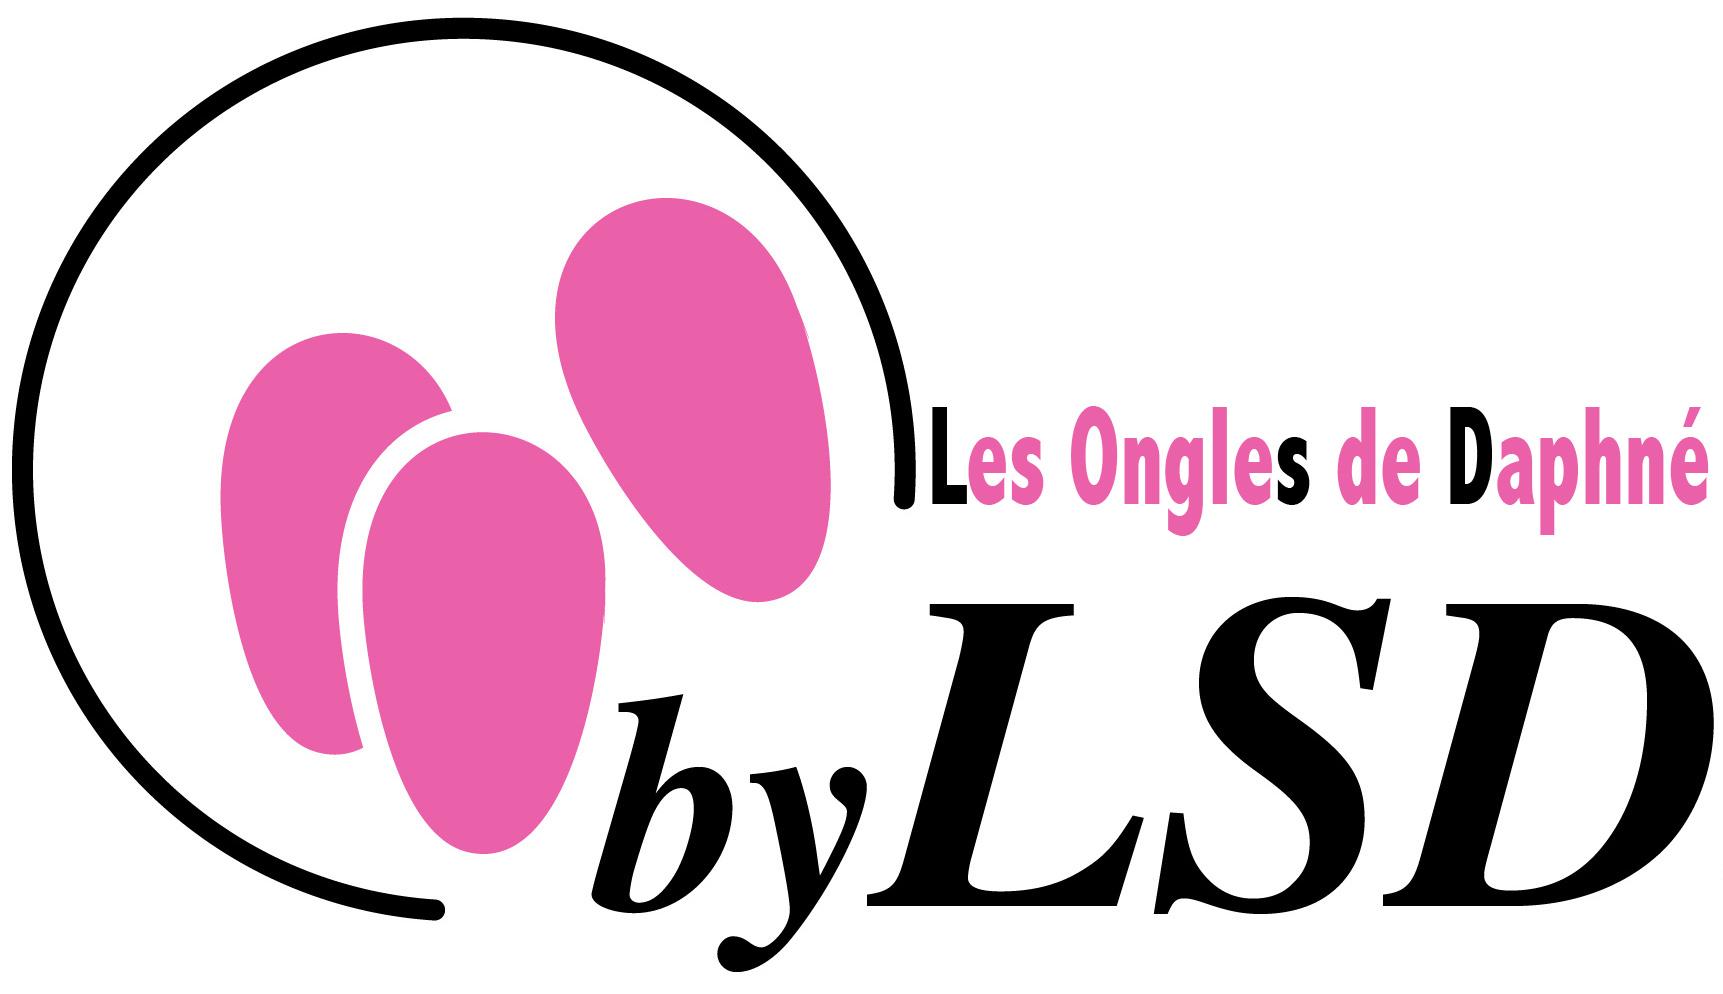 bylsd Les ongleS de Daphné